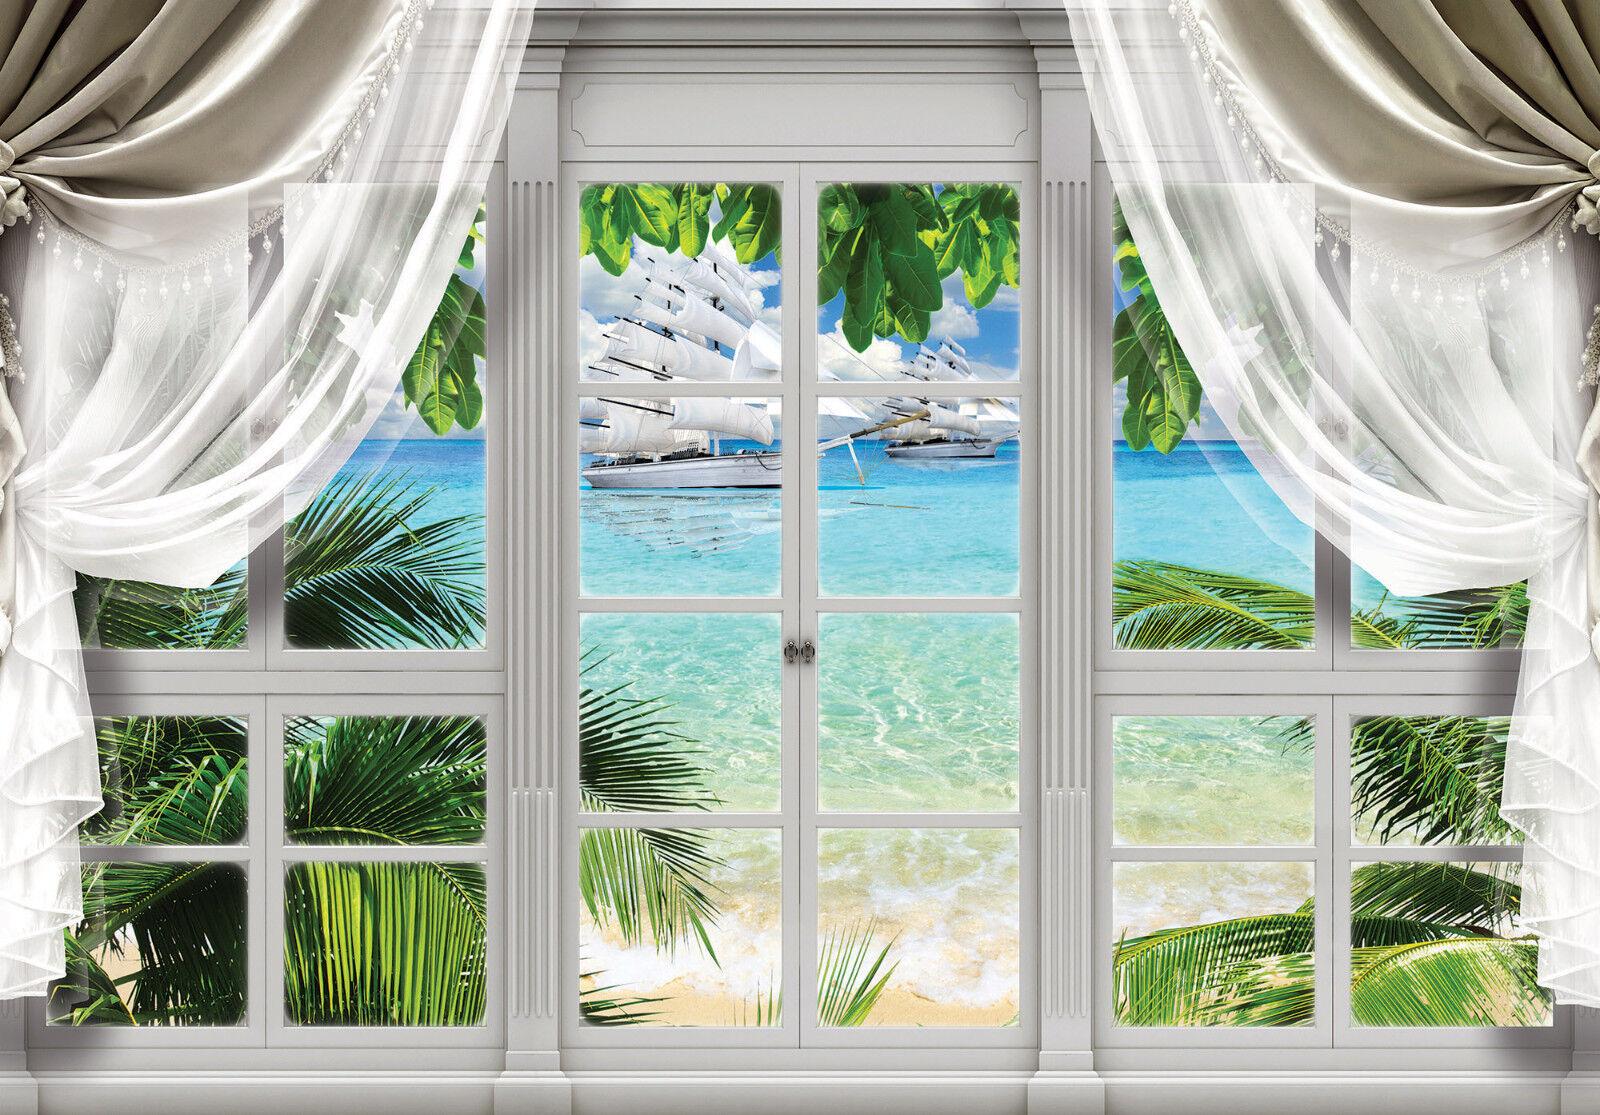 том, картинки красивые окна с занавесками база розыска